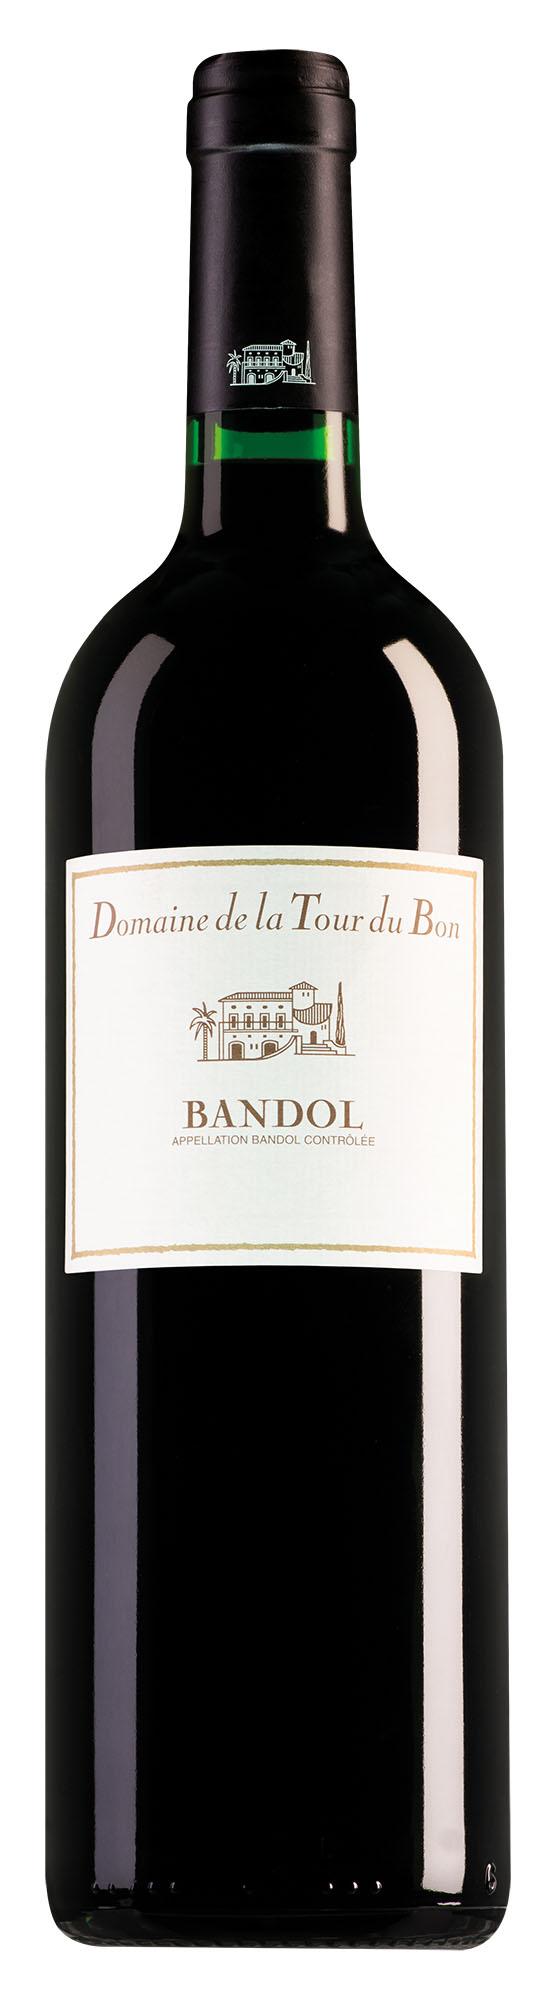 Domaine de la Tour du Bon Bandol rood